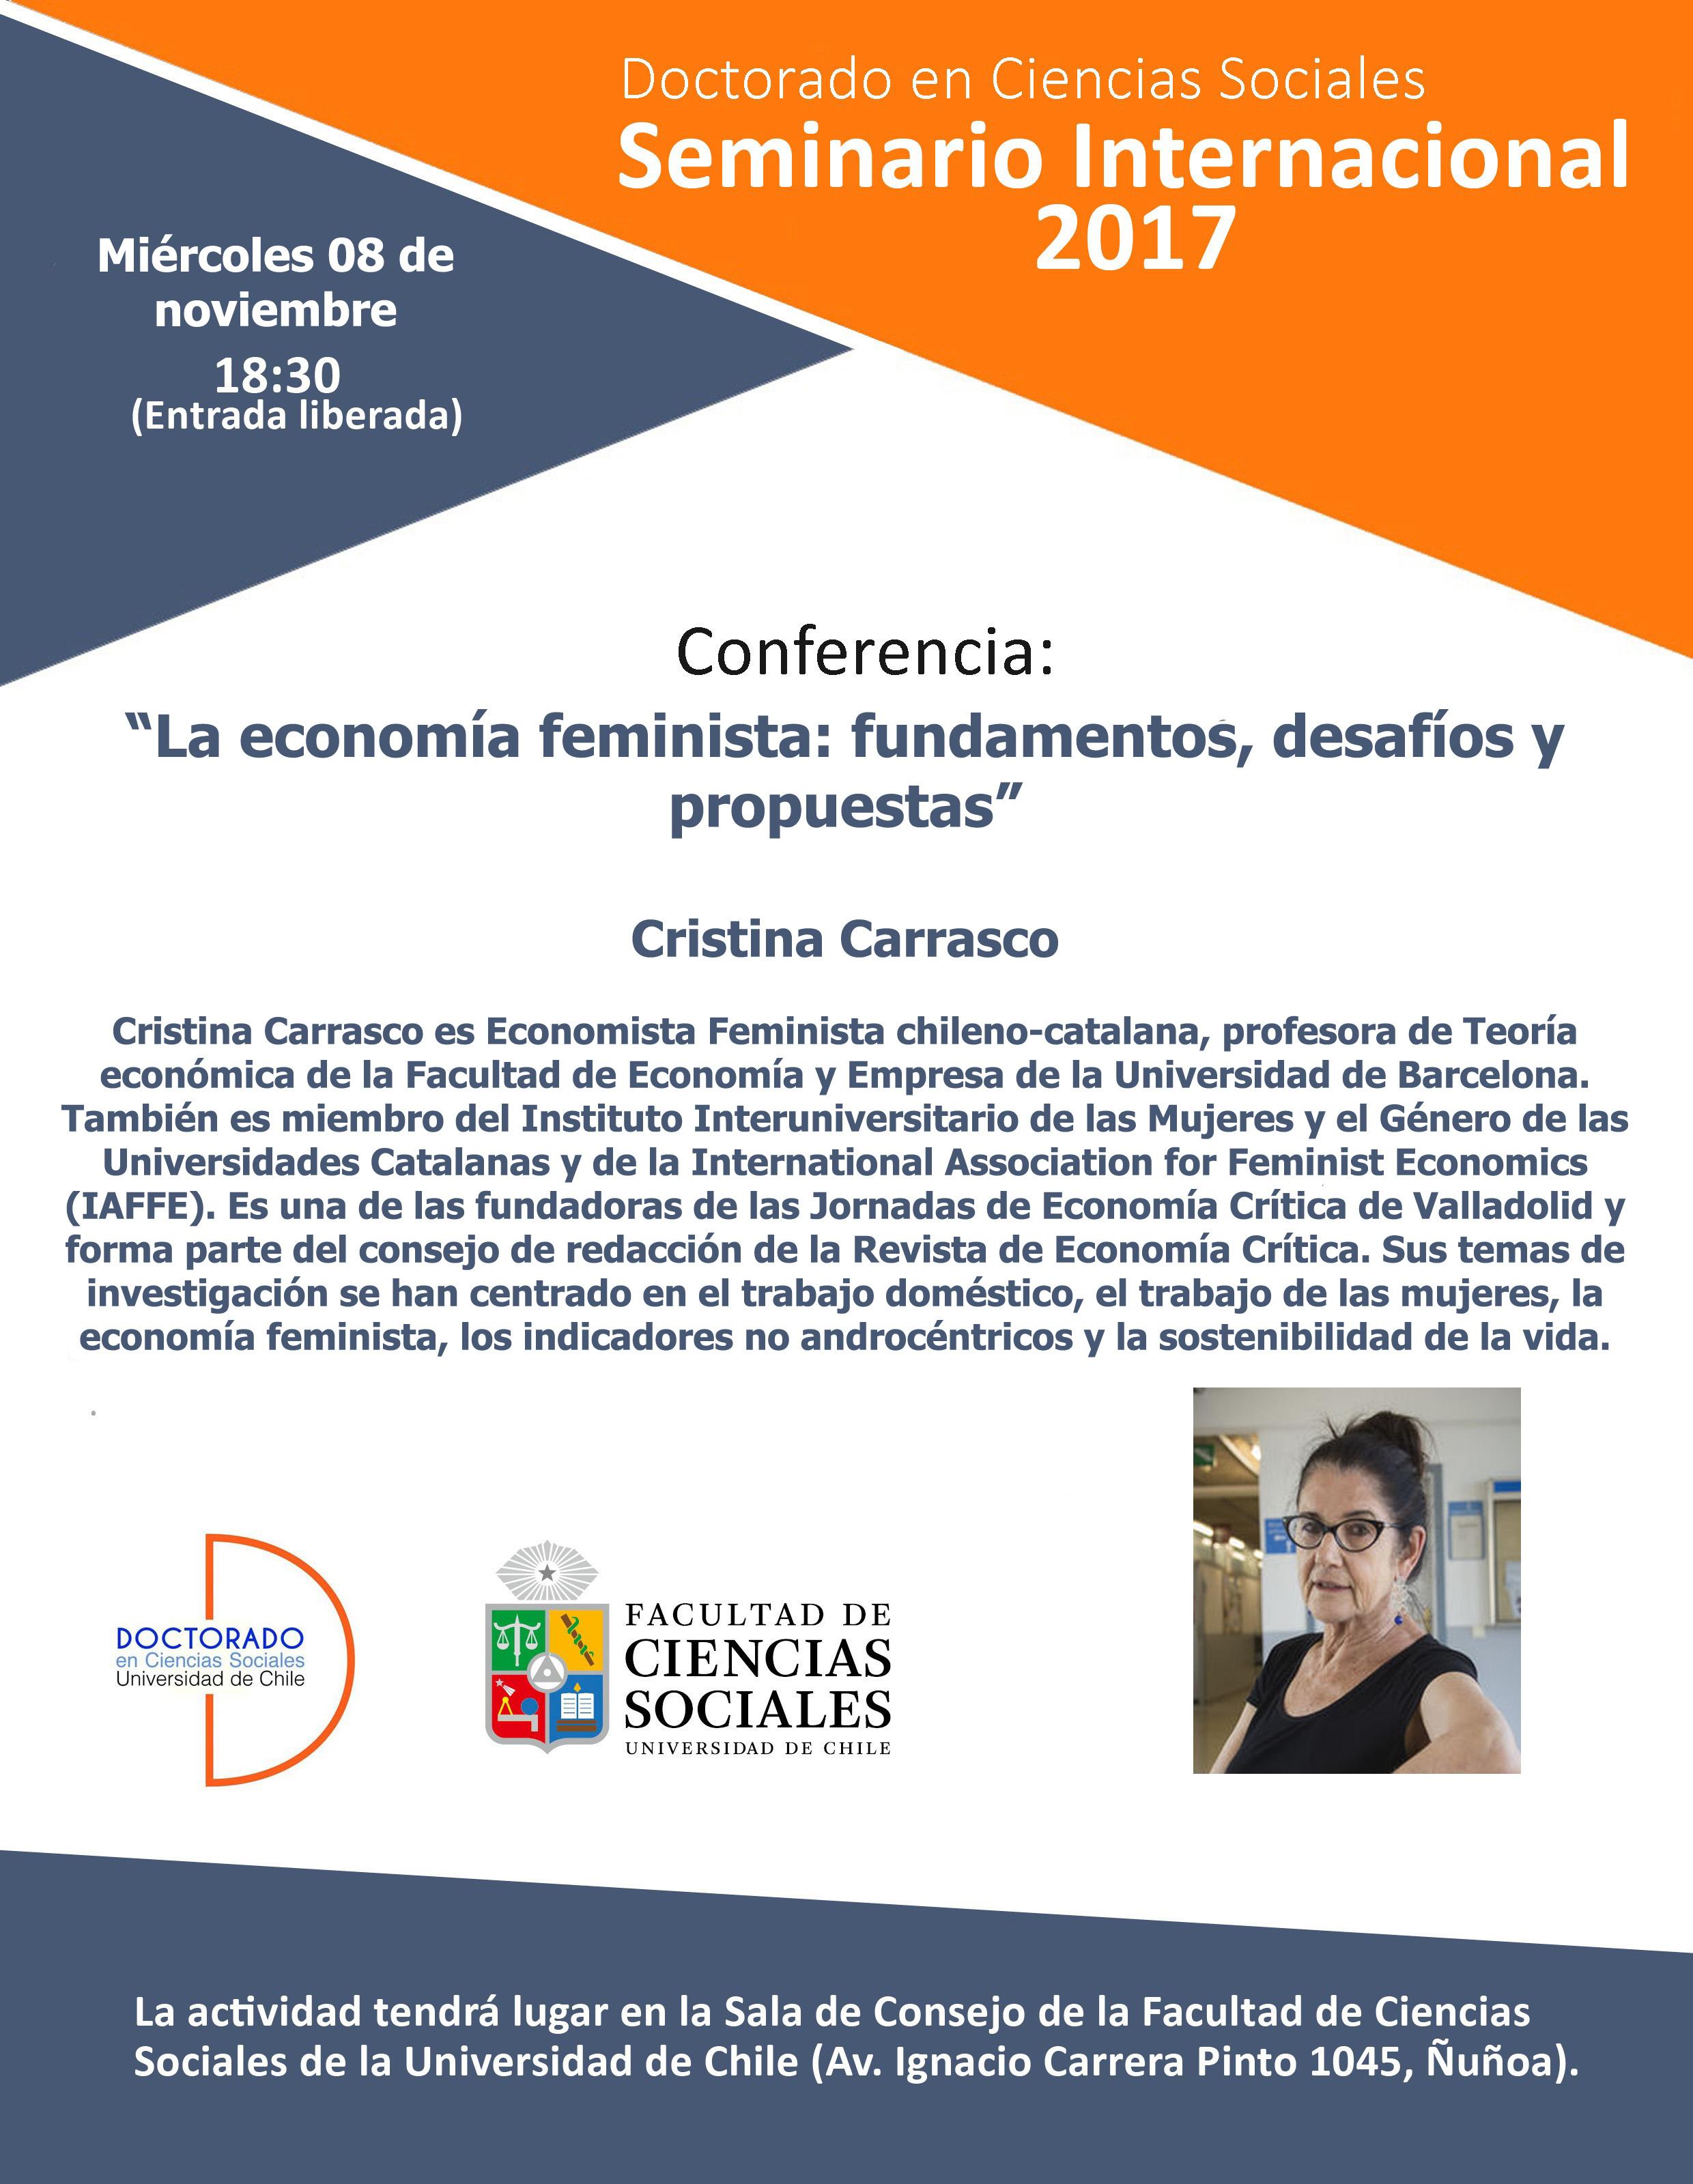 Octava Sesión Seminario Internacional 2017: Cristina Carrasco